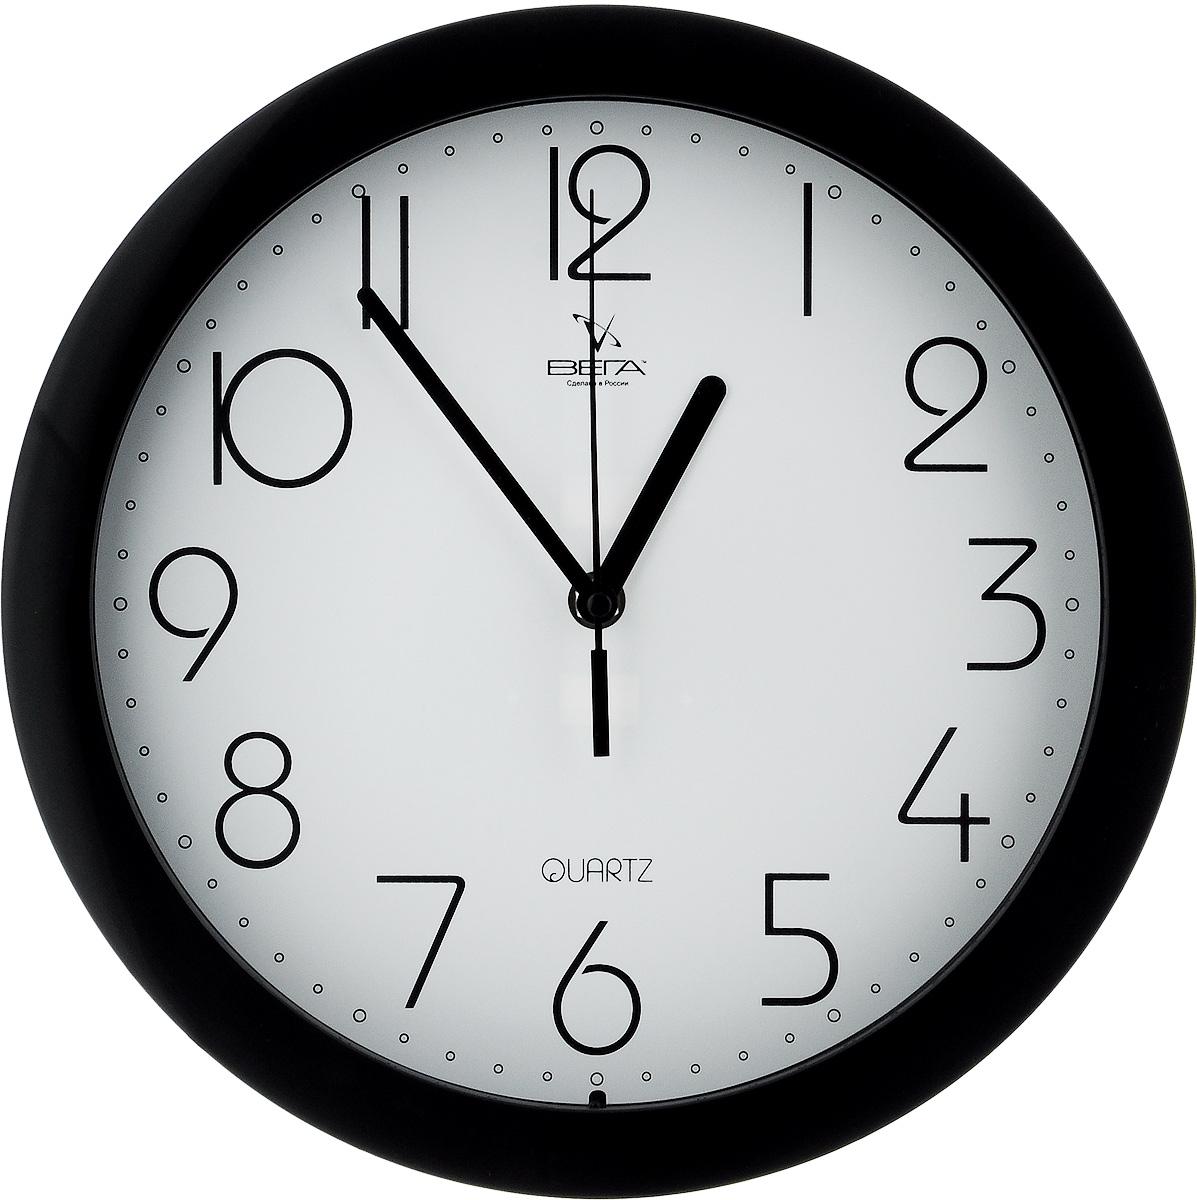 Часы настенные Вега Классика, цвет: черный, белый, диаметр 28,5 см. П1-6/694672Настенные кварцевые часы Вега Классика, изготовленные из пластика, прекрасно впишутся в интерьер вашего дома. Круглые часы имеют три стрелки: часовую, минутную и секундную, циферблат защищен прозрачным стеклом. Часы работают от 1 батарейки типа АА напряжением 1,5 В (не входит в комплект). Диаметр часов: 28,5 см.